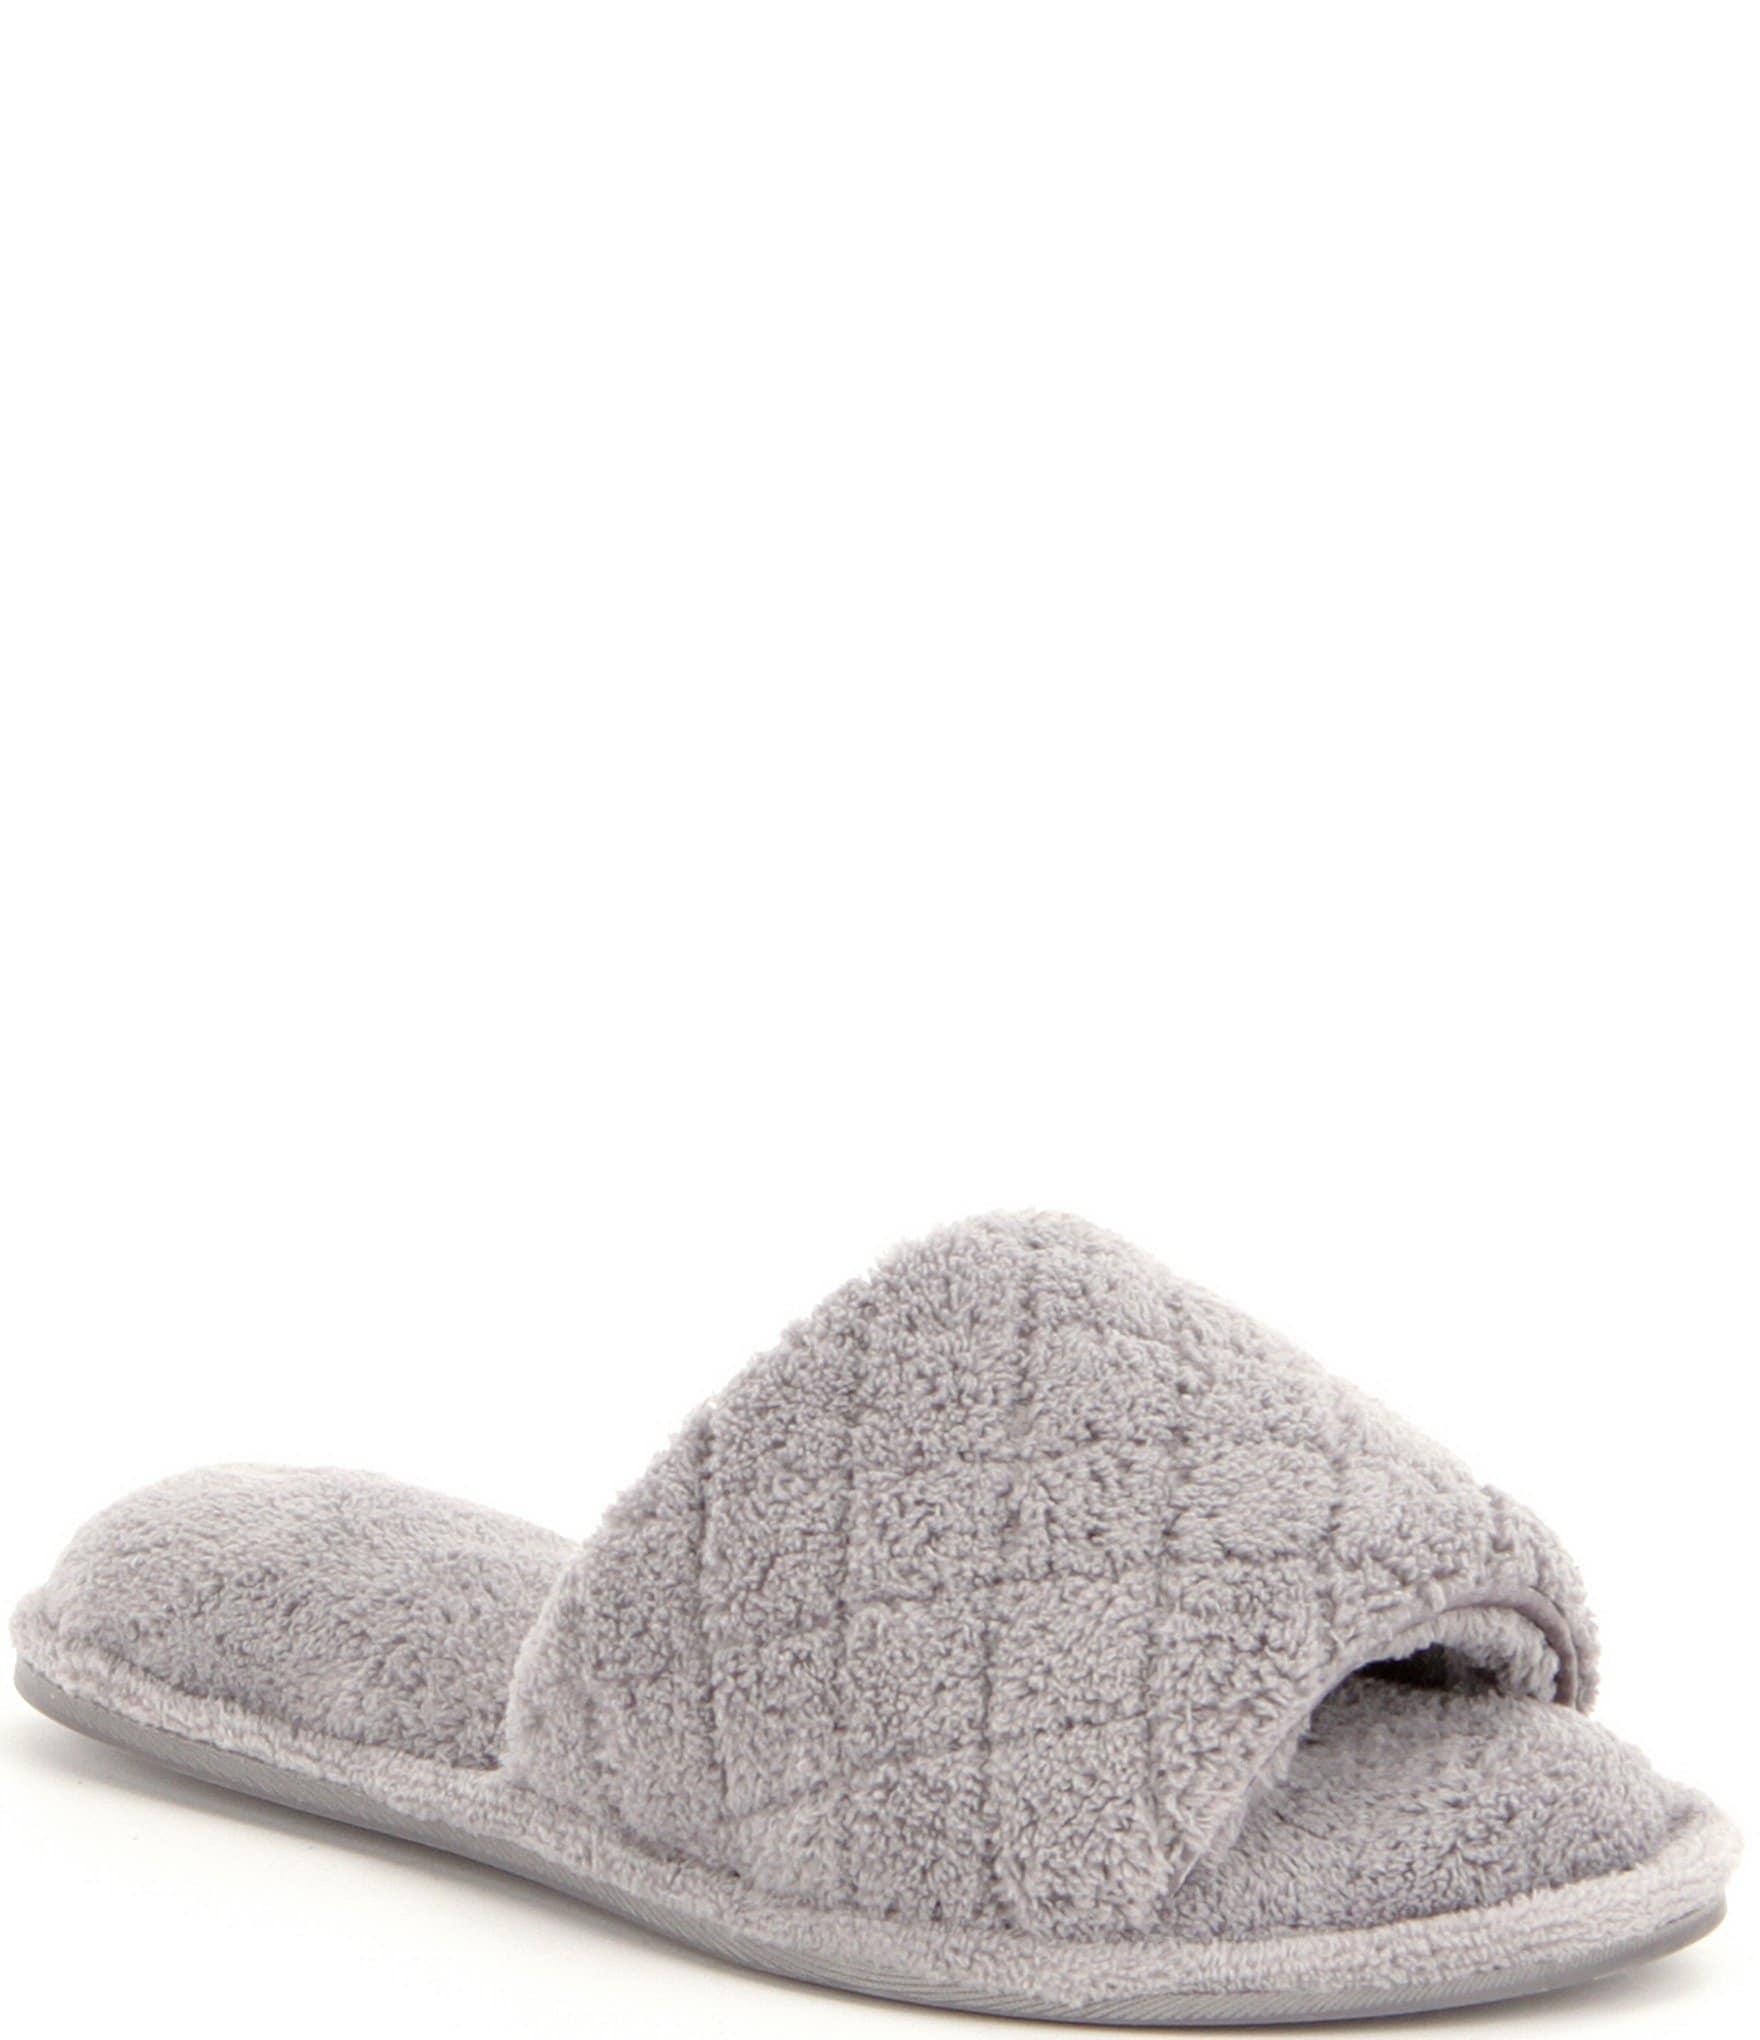 9f233cd3e18 Women s Slippers